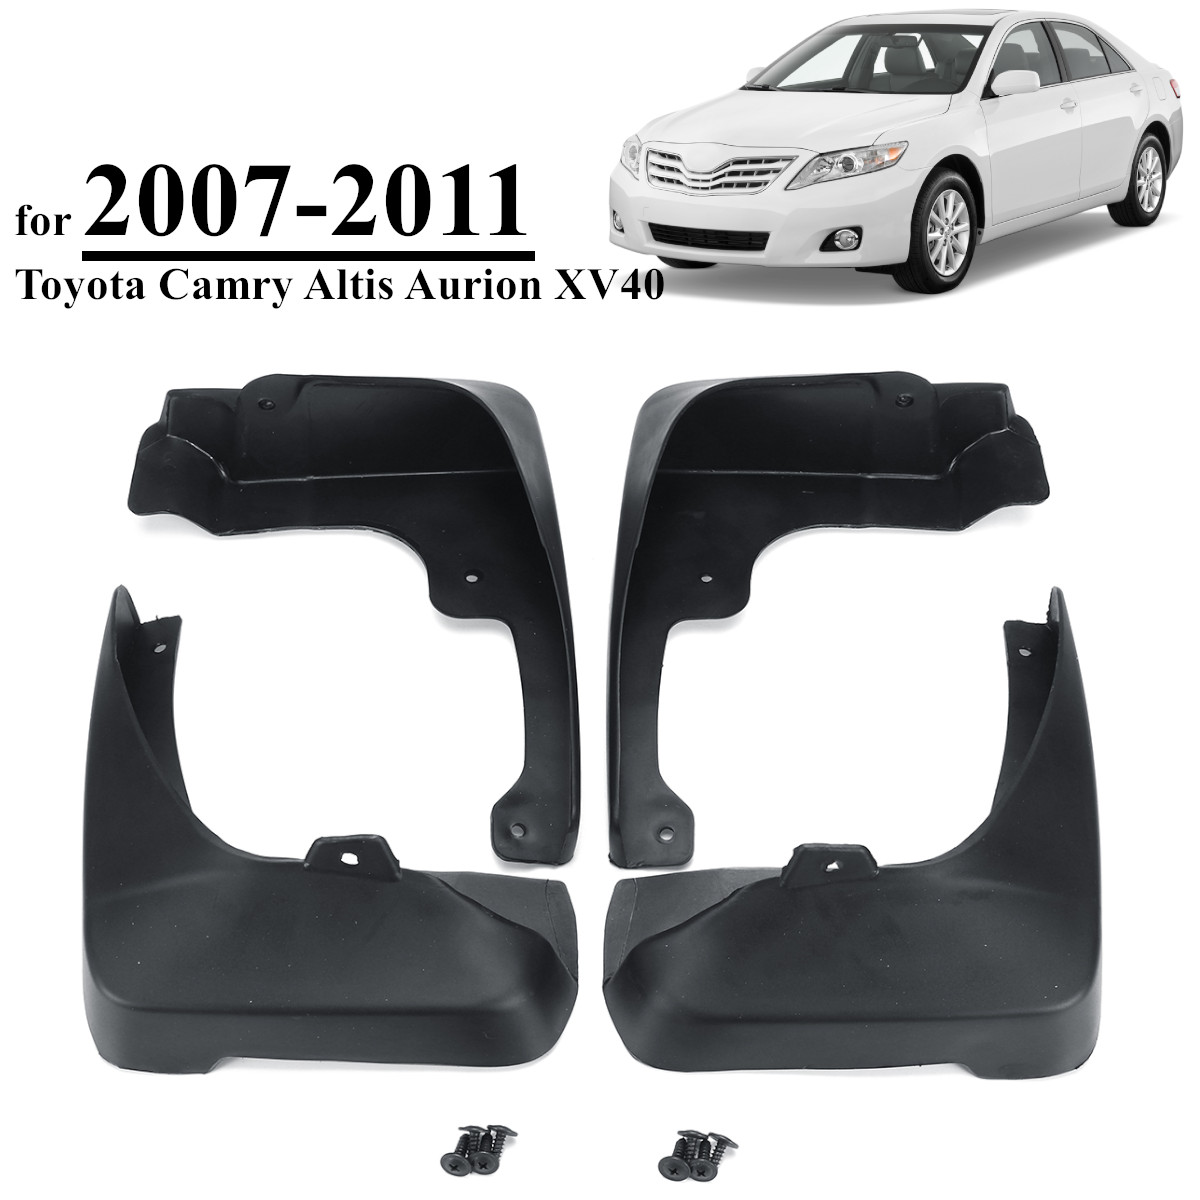 Pour Toyota Camry Altis Aurion XV40 2007-2011 garde-boue garde-boue garde-boue garde-boue garde-boue